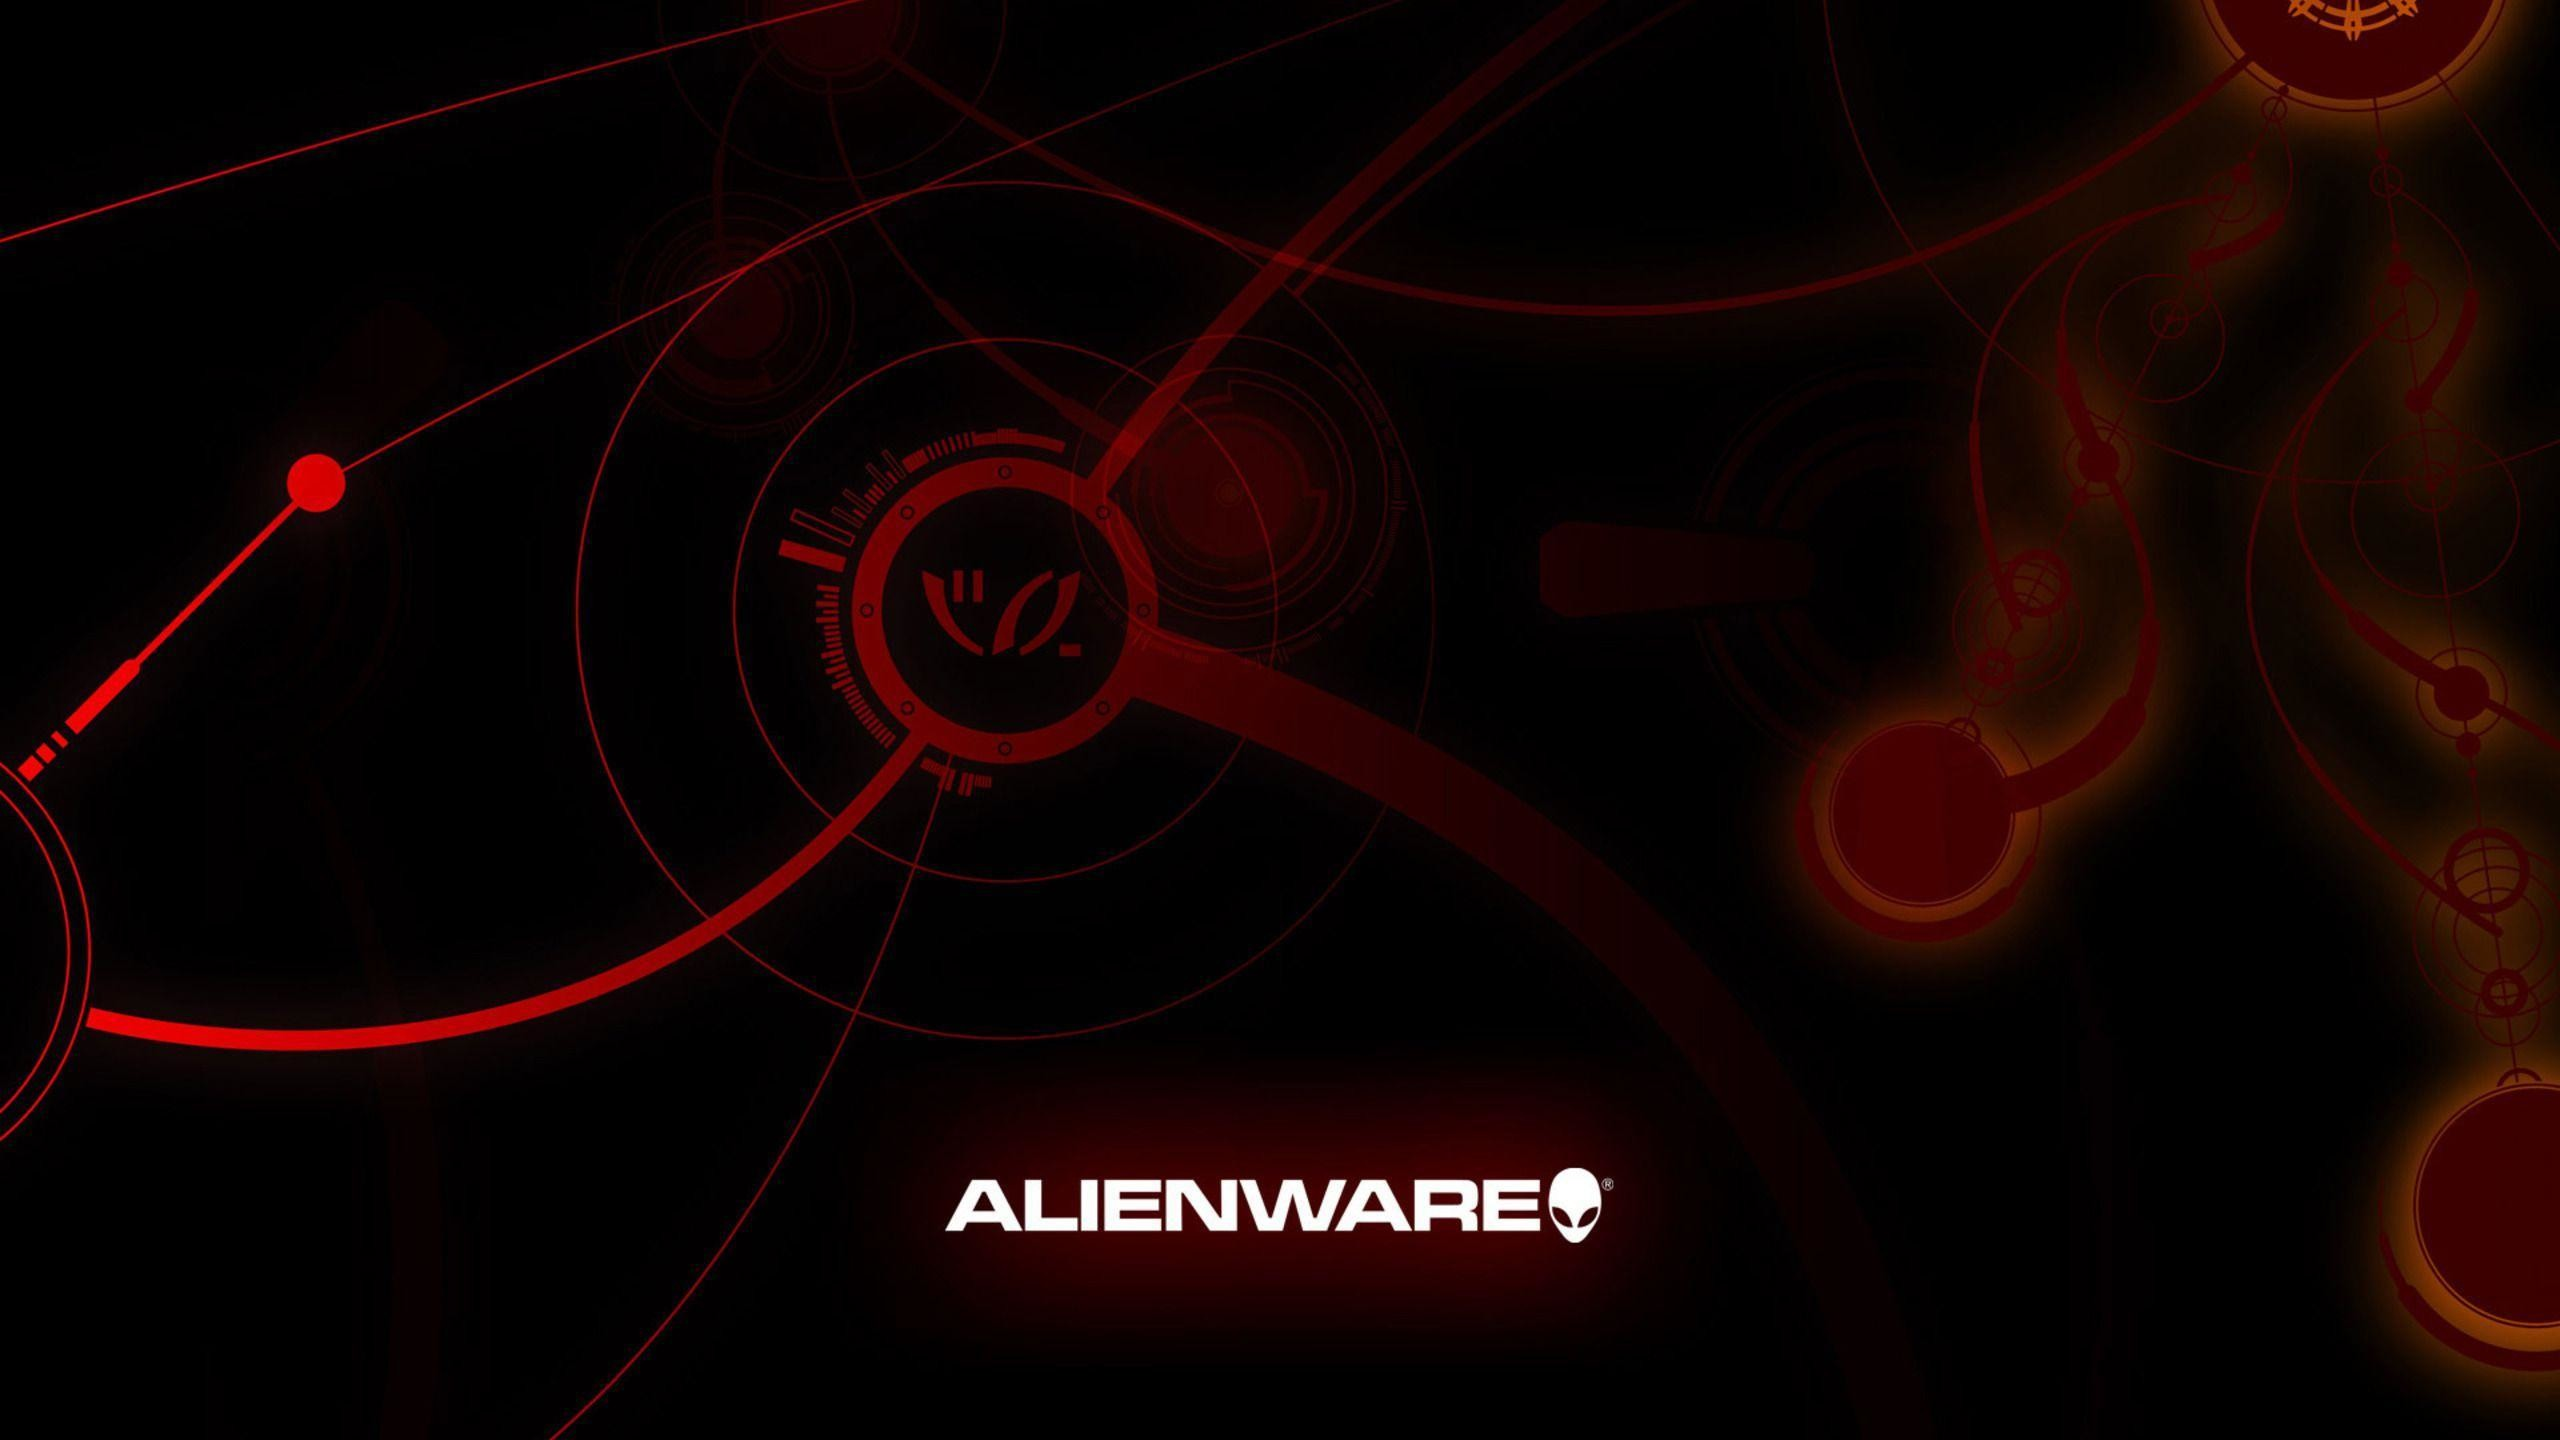 Alienware Wallpaper 2560 X 1440 71 Images